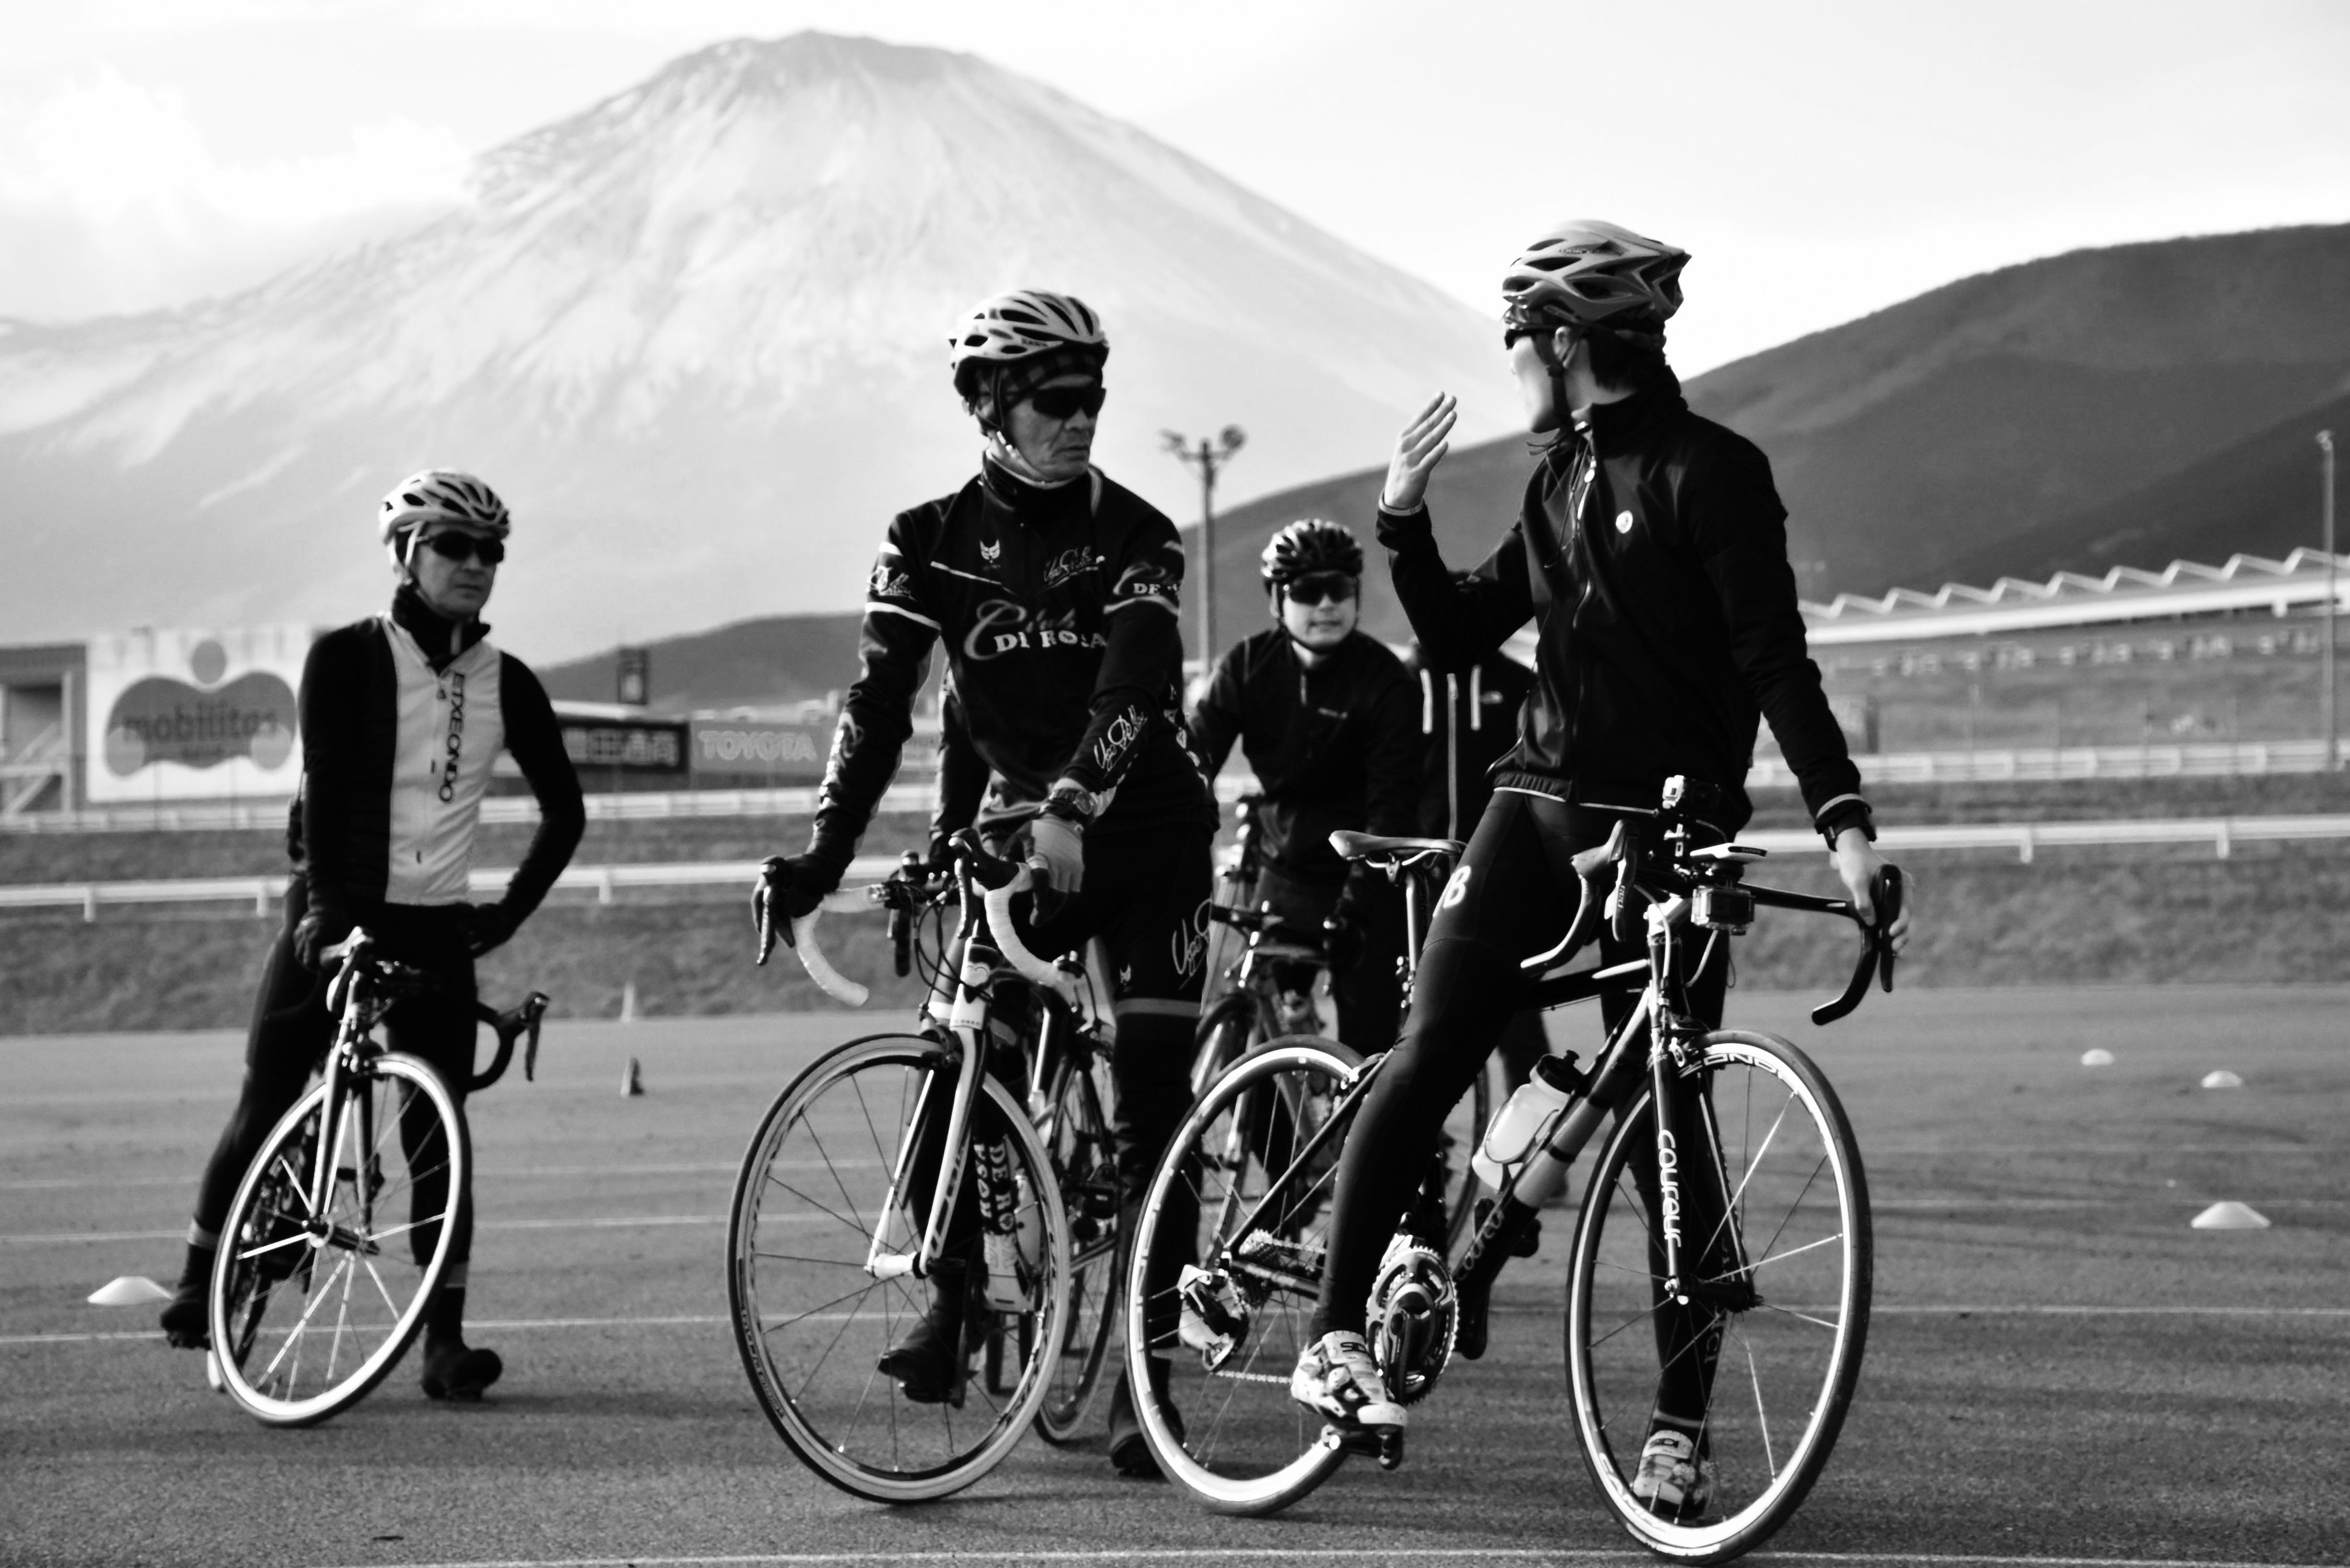 富士スピードウェイで講習を行う理由がある